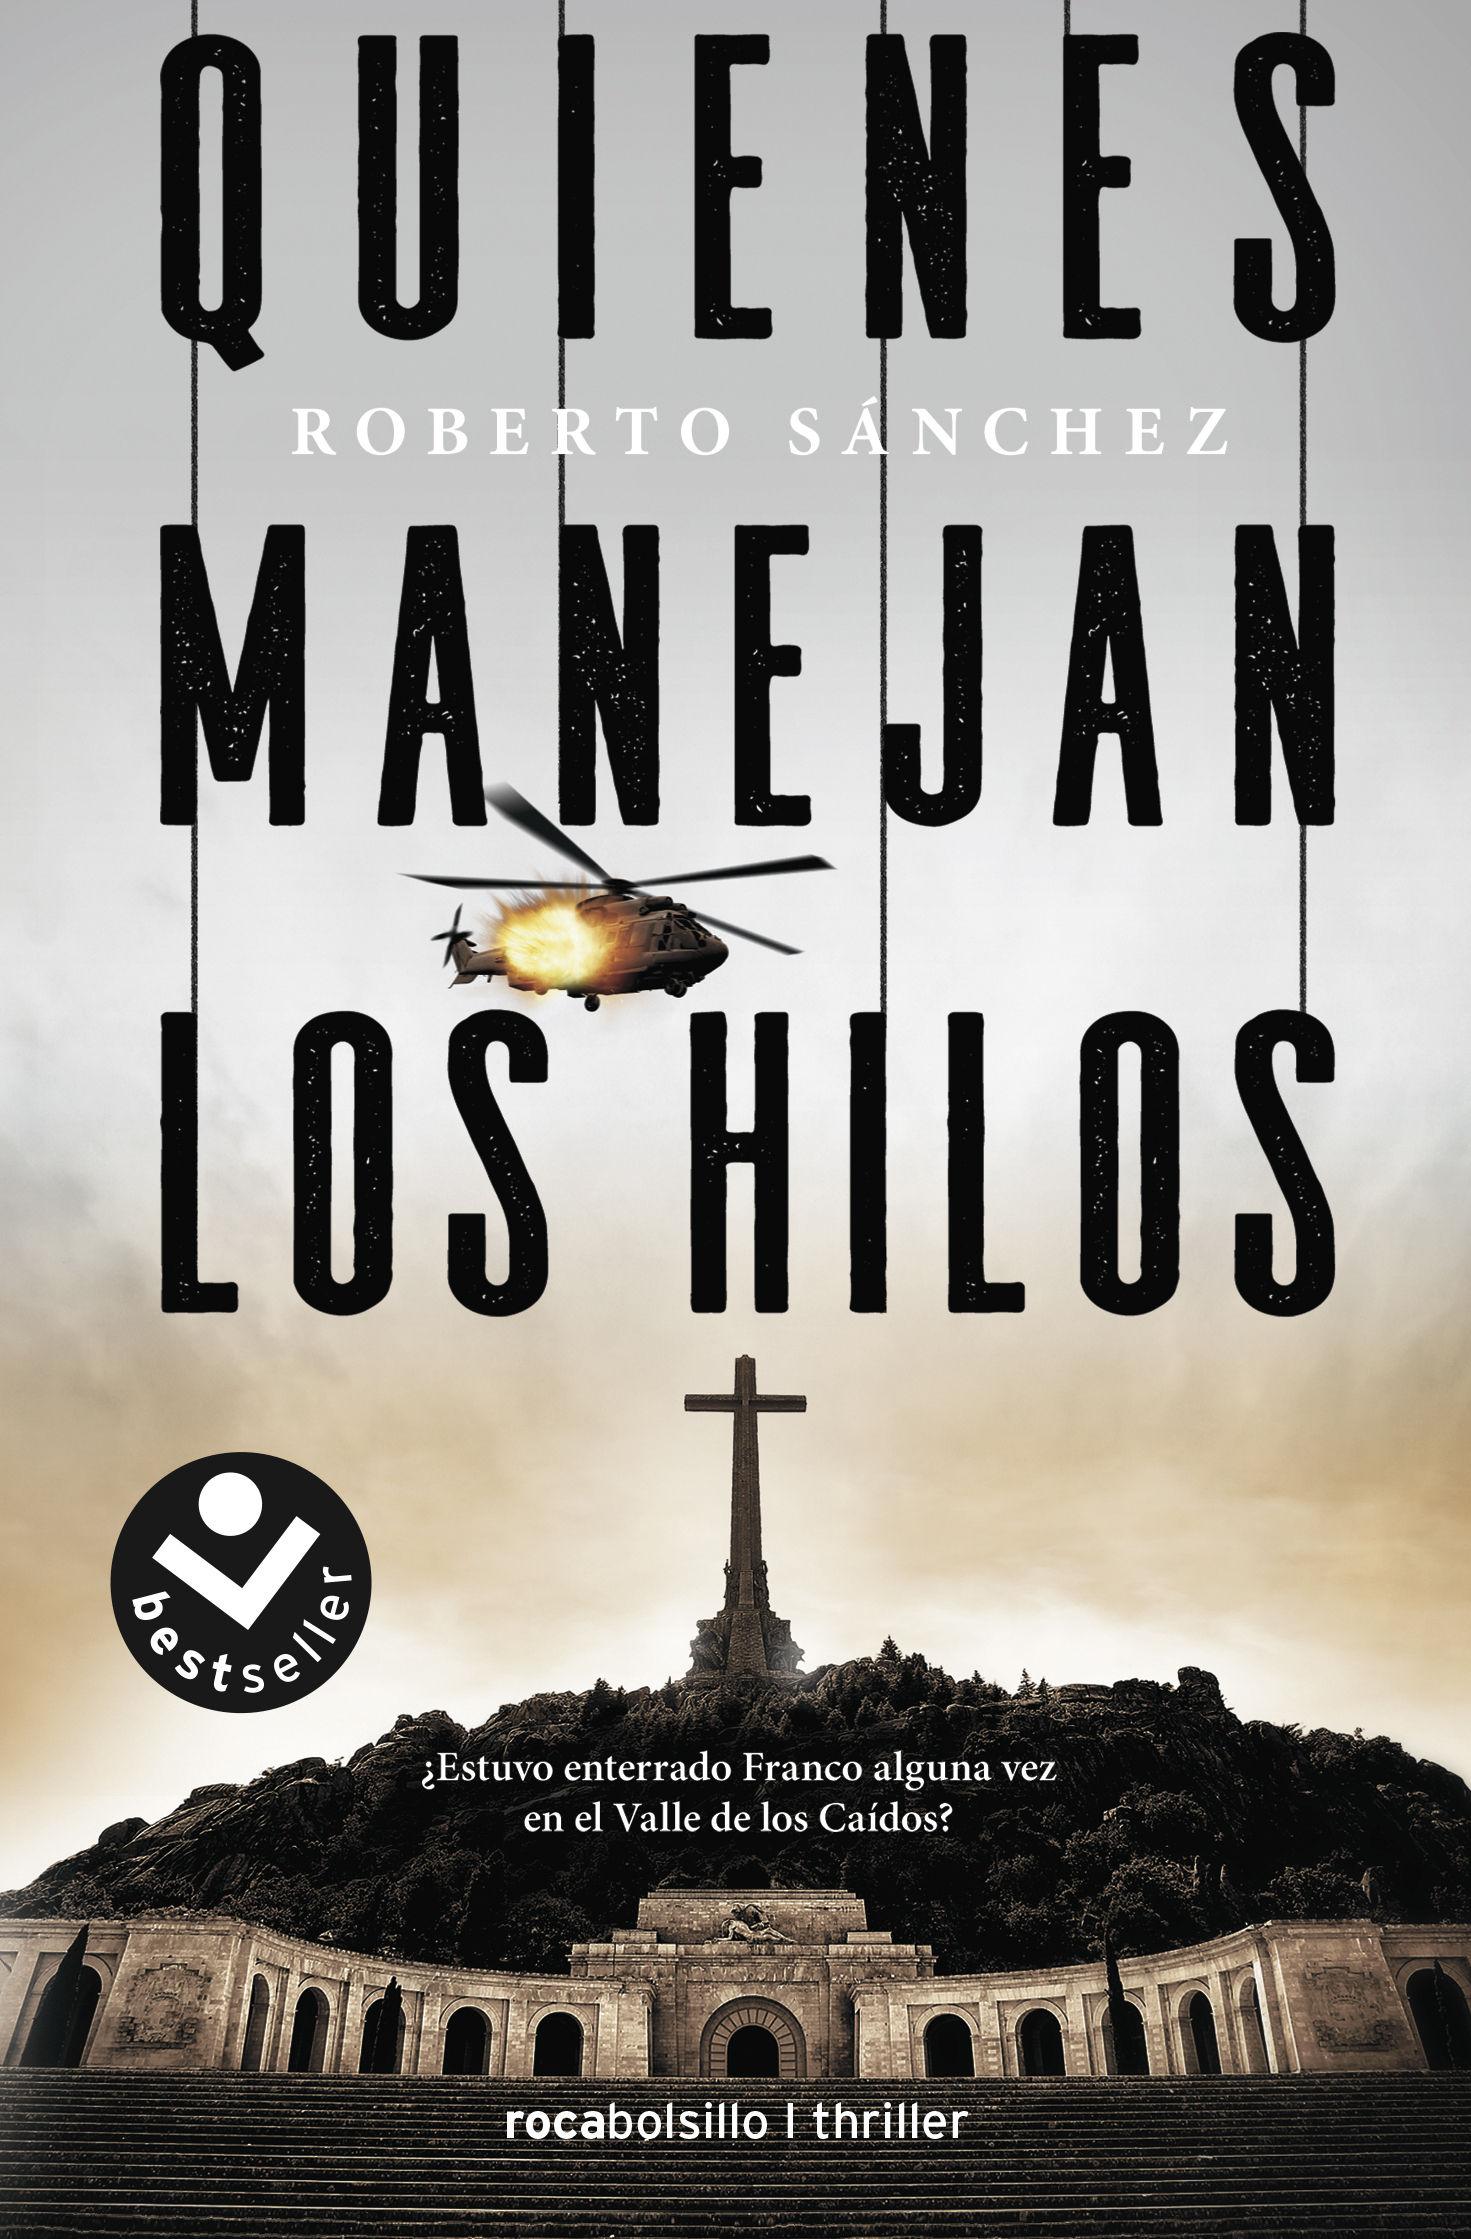 QUIENES MANEJAN LOS HILOS